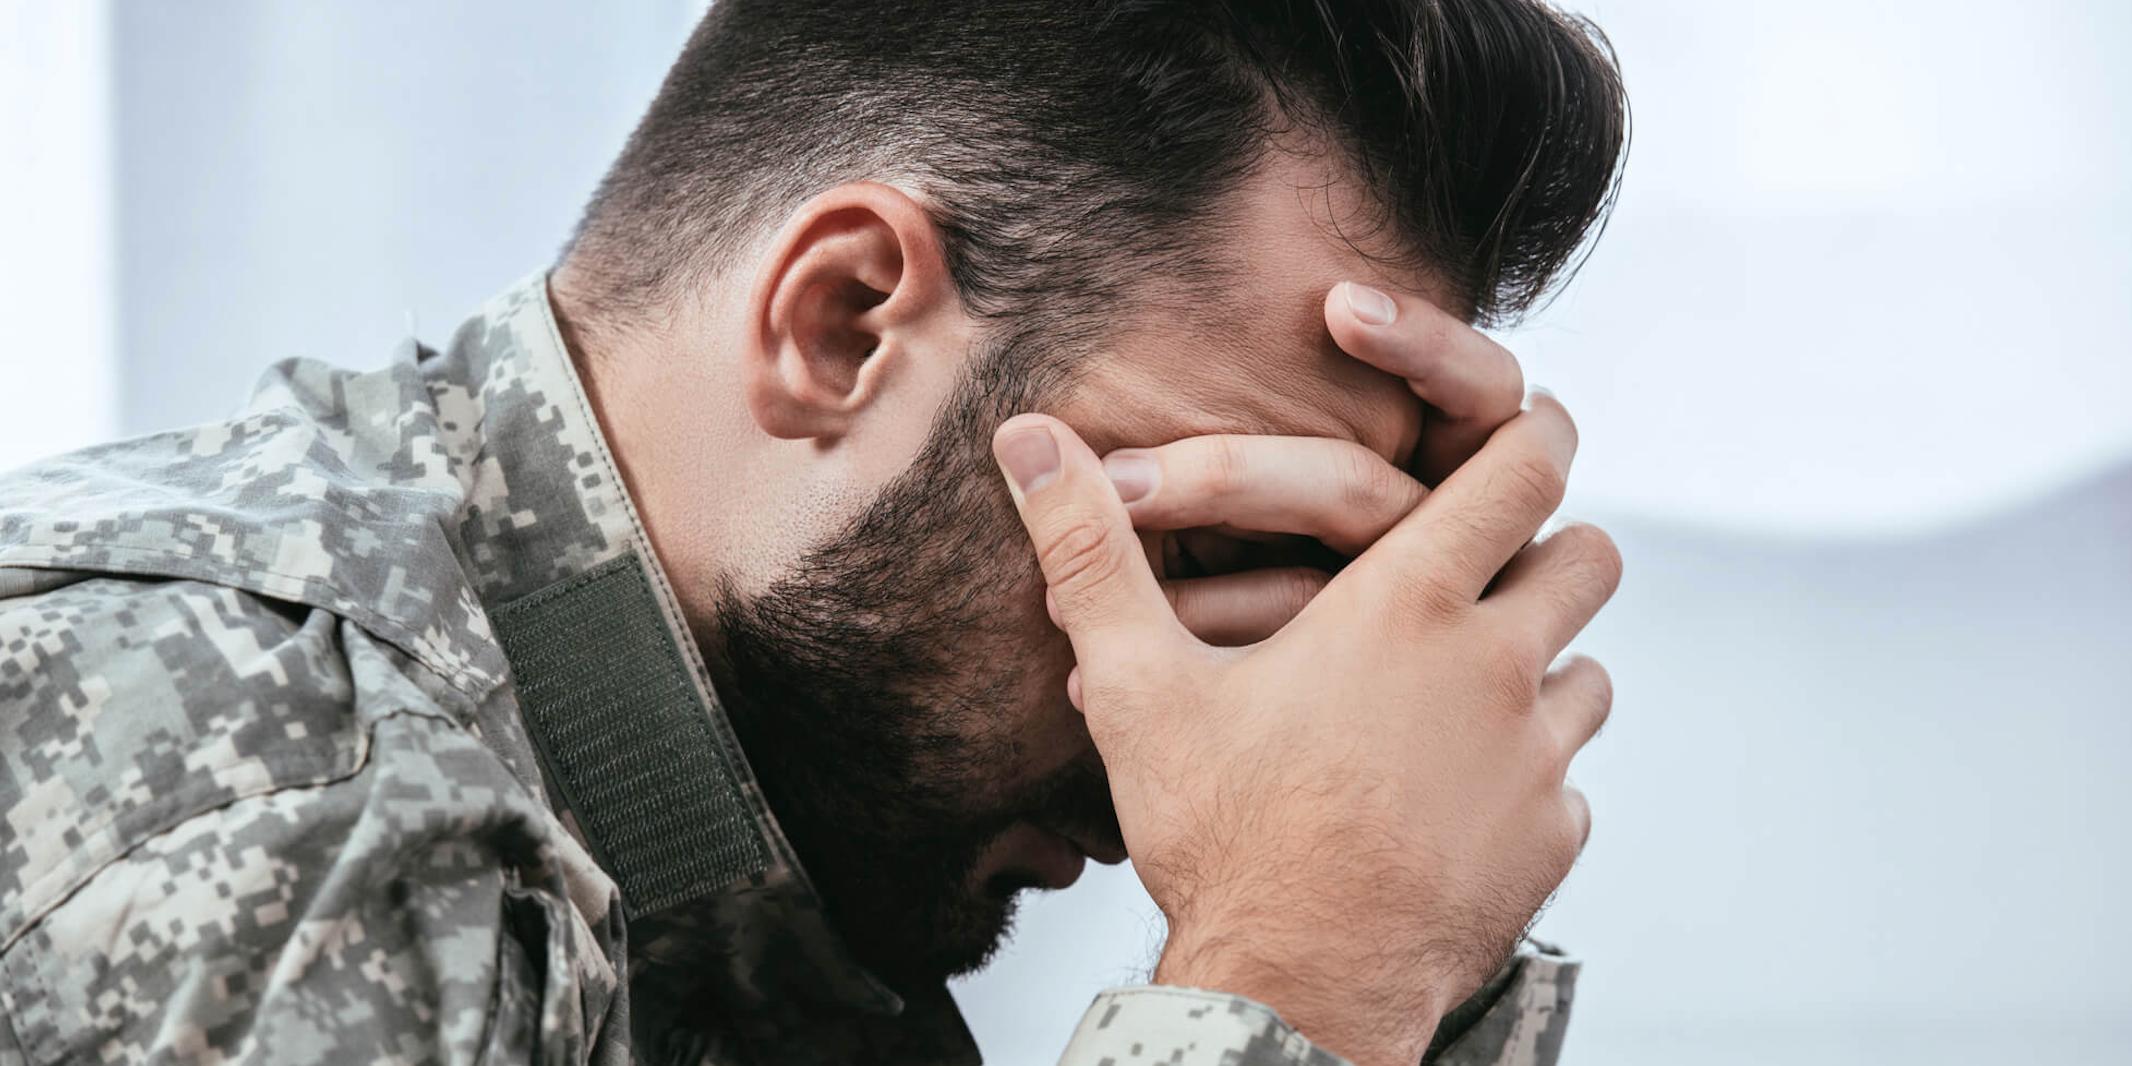 Depressed man in army uniform.